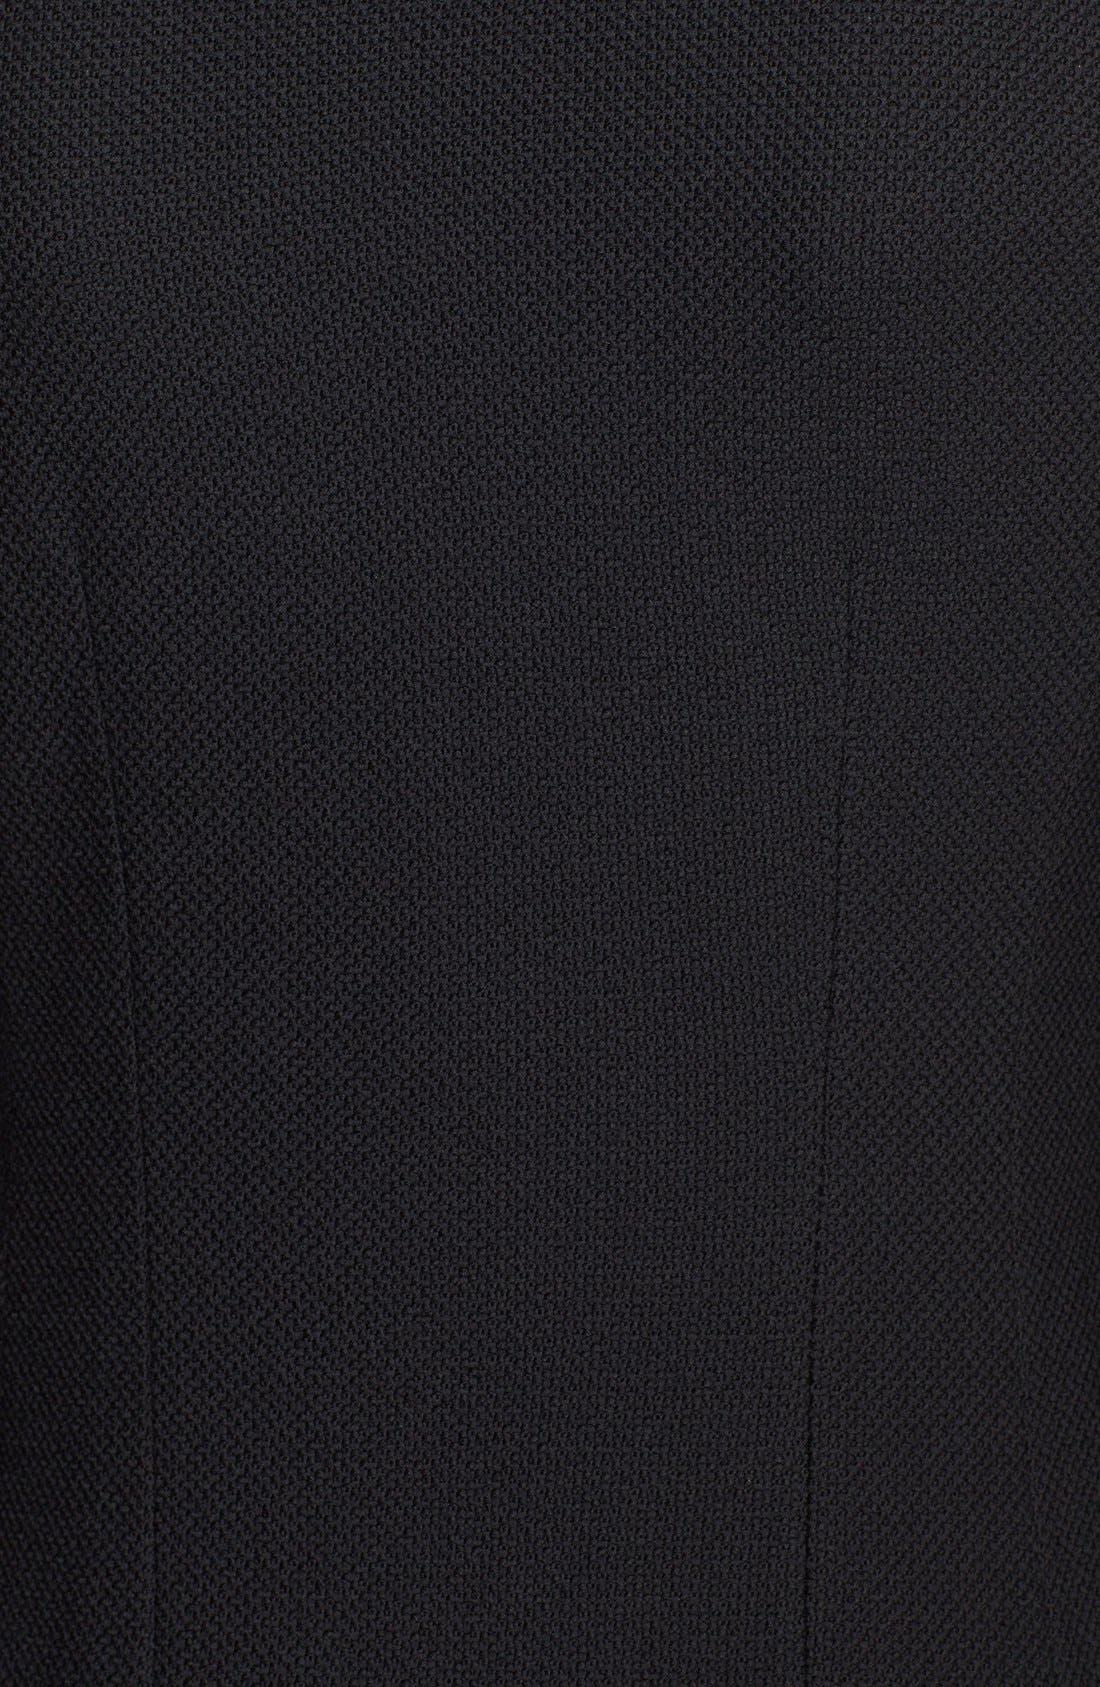 Nouveau Bouclé Knit Topper,                             Alternate thumbnail 3, color,                             001